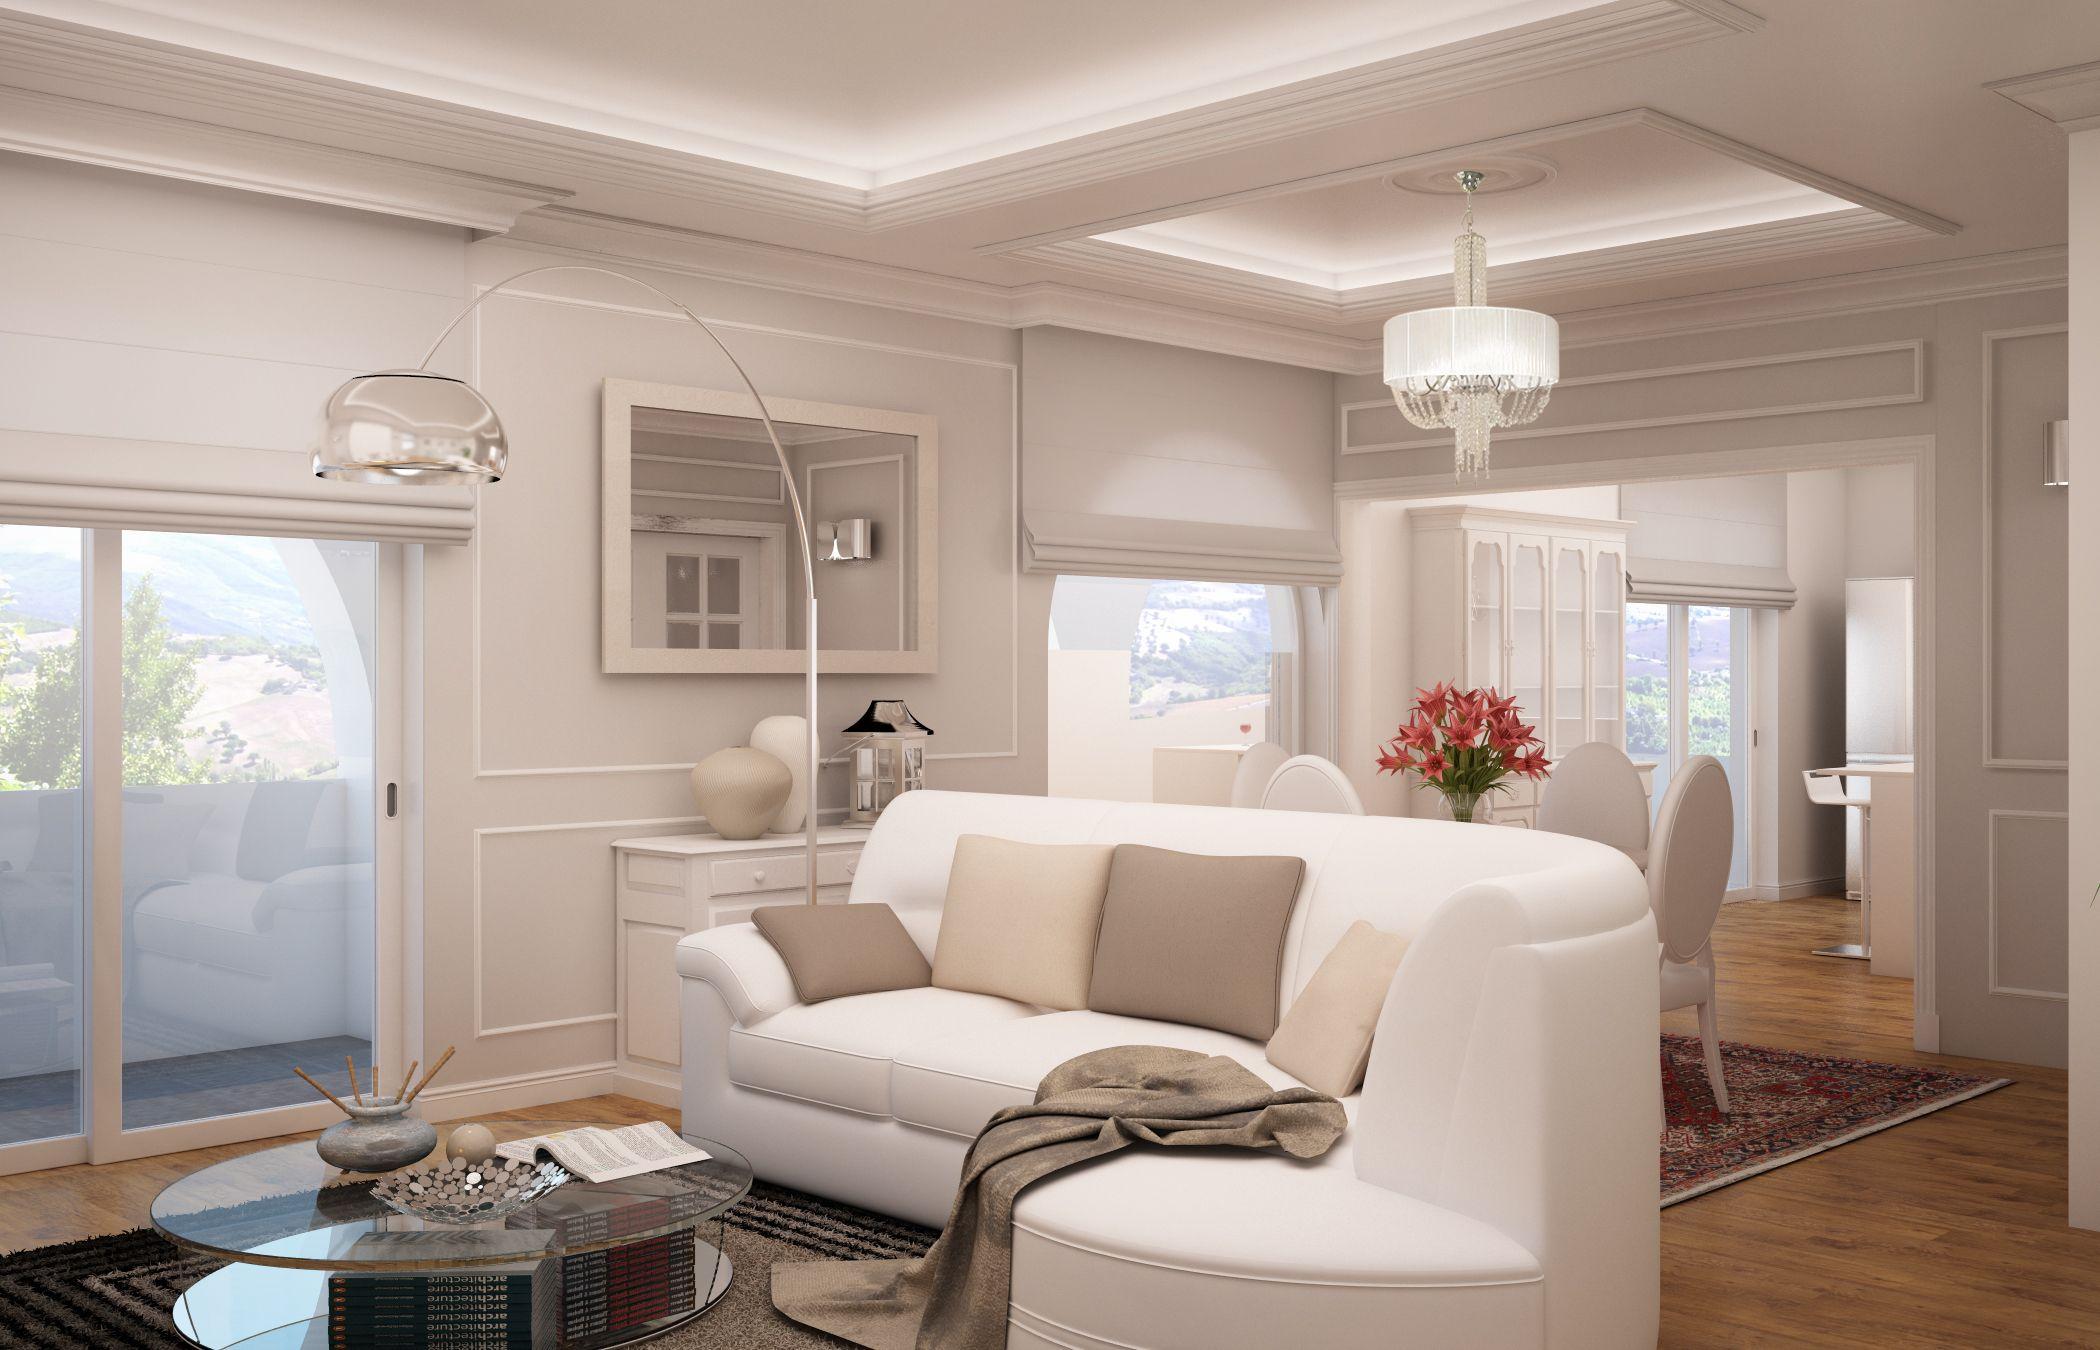 Progetto Soggiorno ~ Rendering soggiorno rendering living room progetto d interni